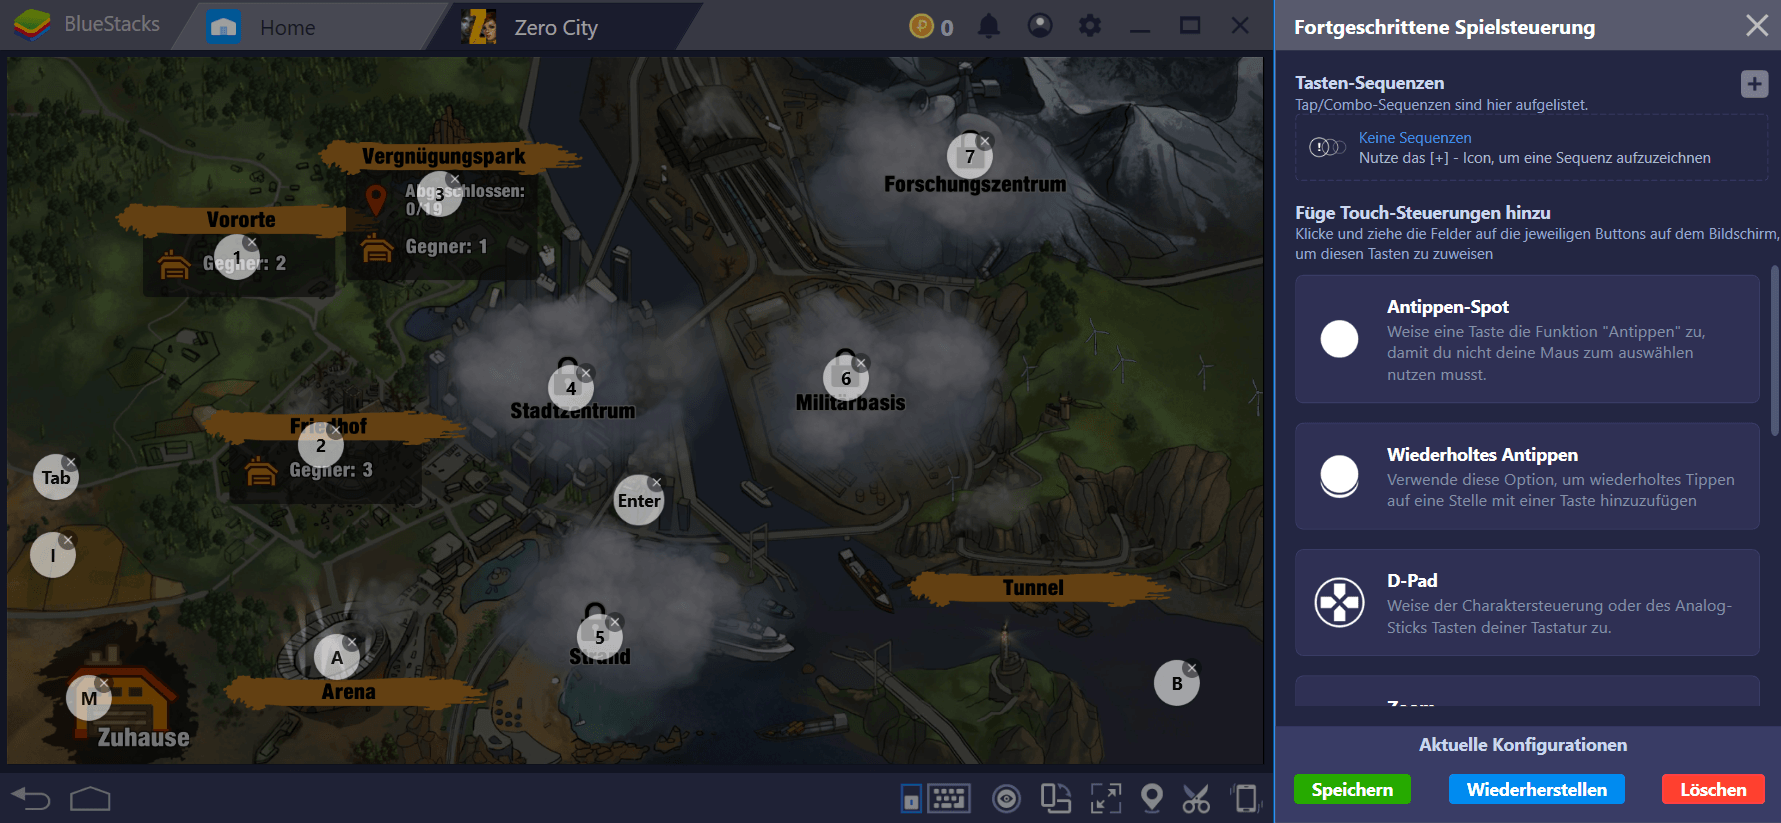 Trotze der Zombie-Apokalypse in Zero City mit BlueStacks